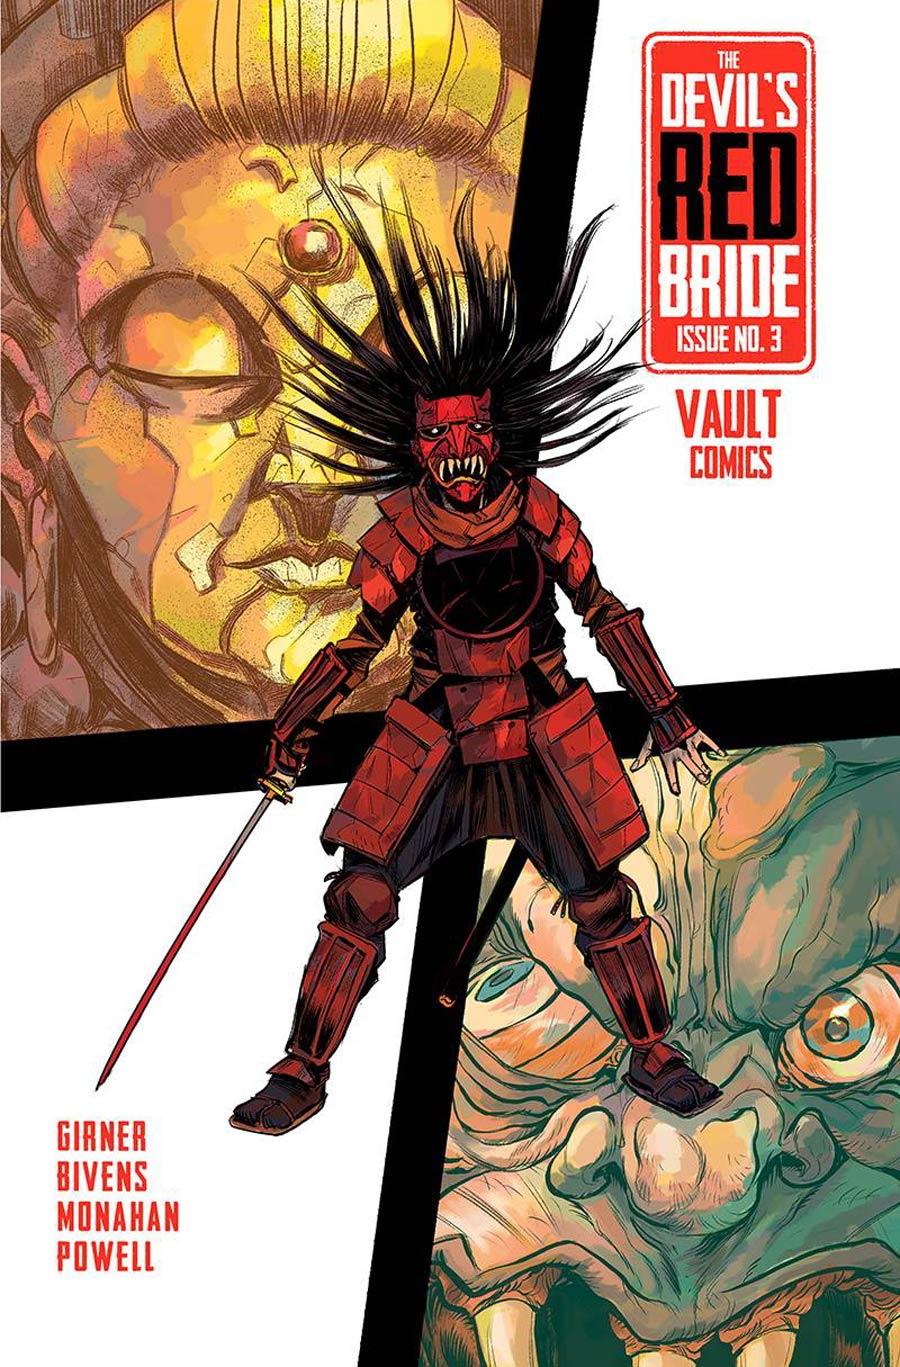 Devils Red Bride #3 Cover A Regular John Bivens Cover